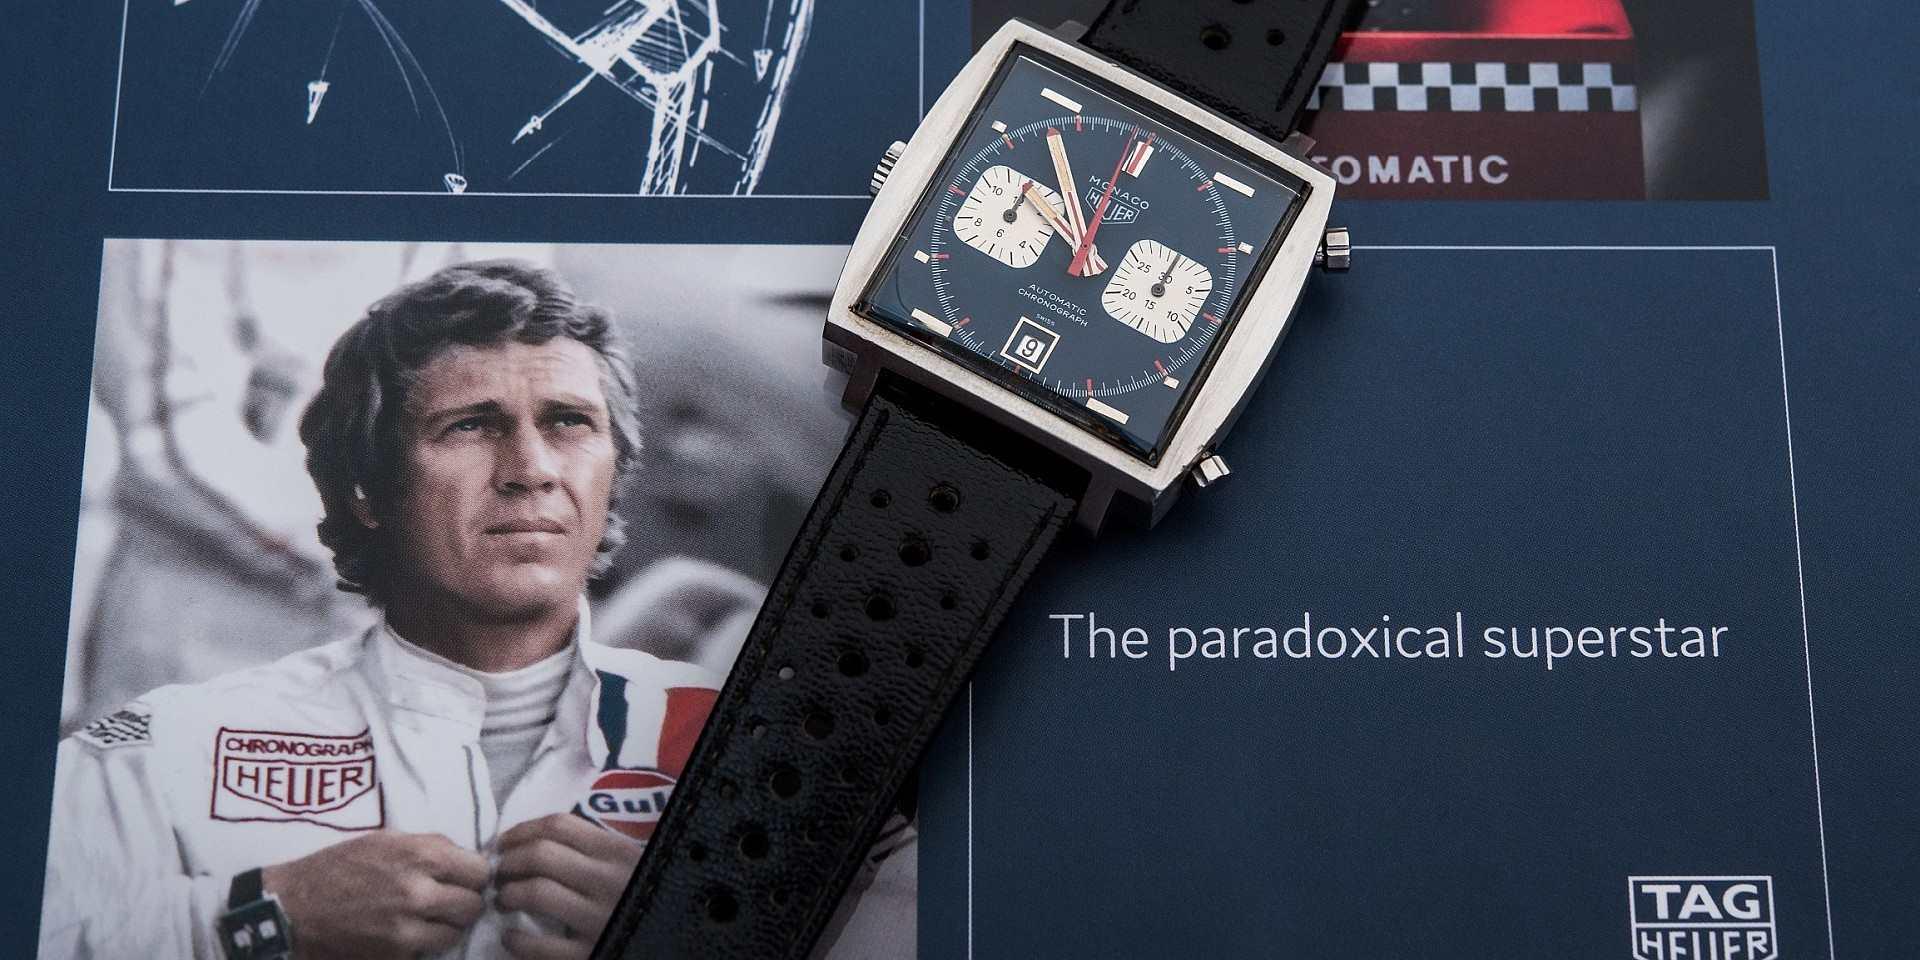 Steve McQueen 於《Le Mans》電影中所佩戴的Heuer Monaco計時碼錶,於富藝斯拍賣會創下220萬美元成交新紀錄